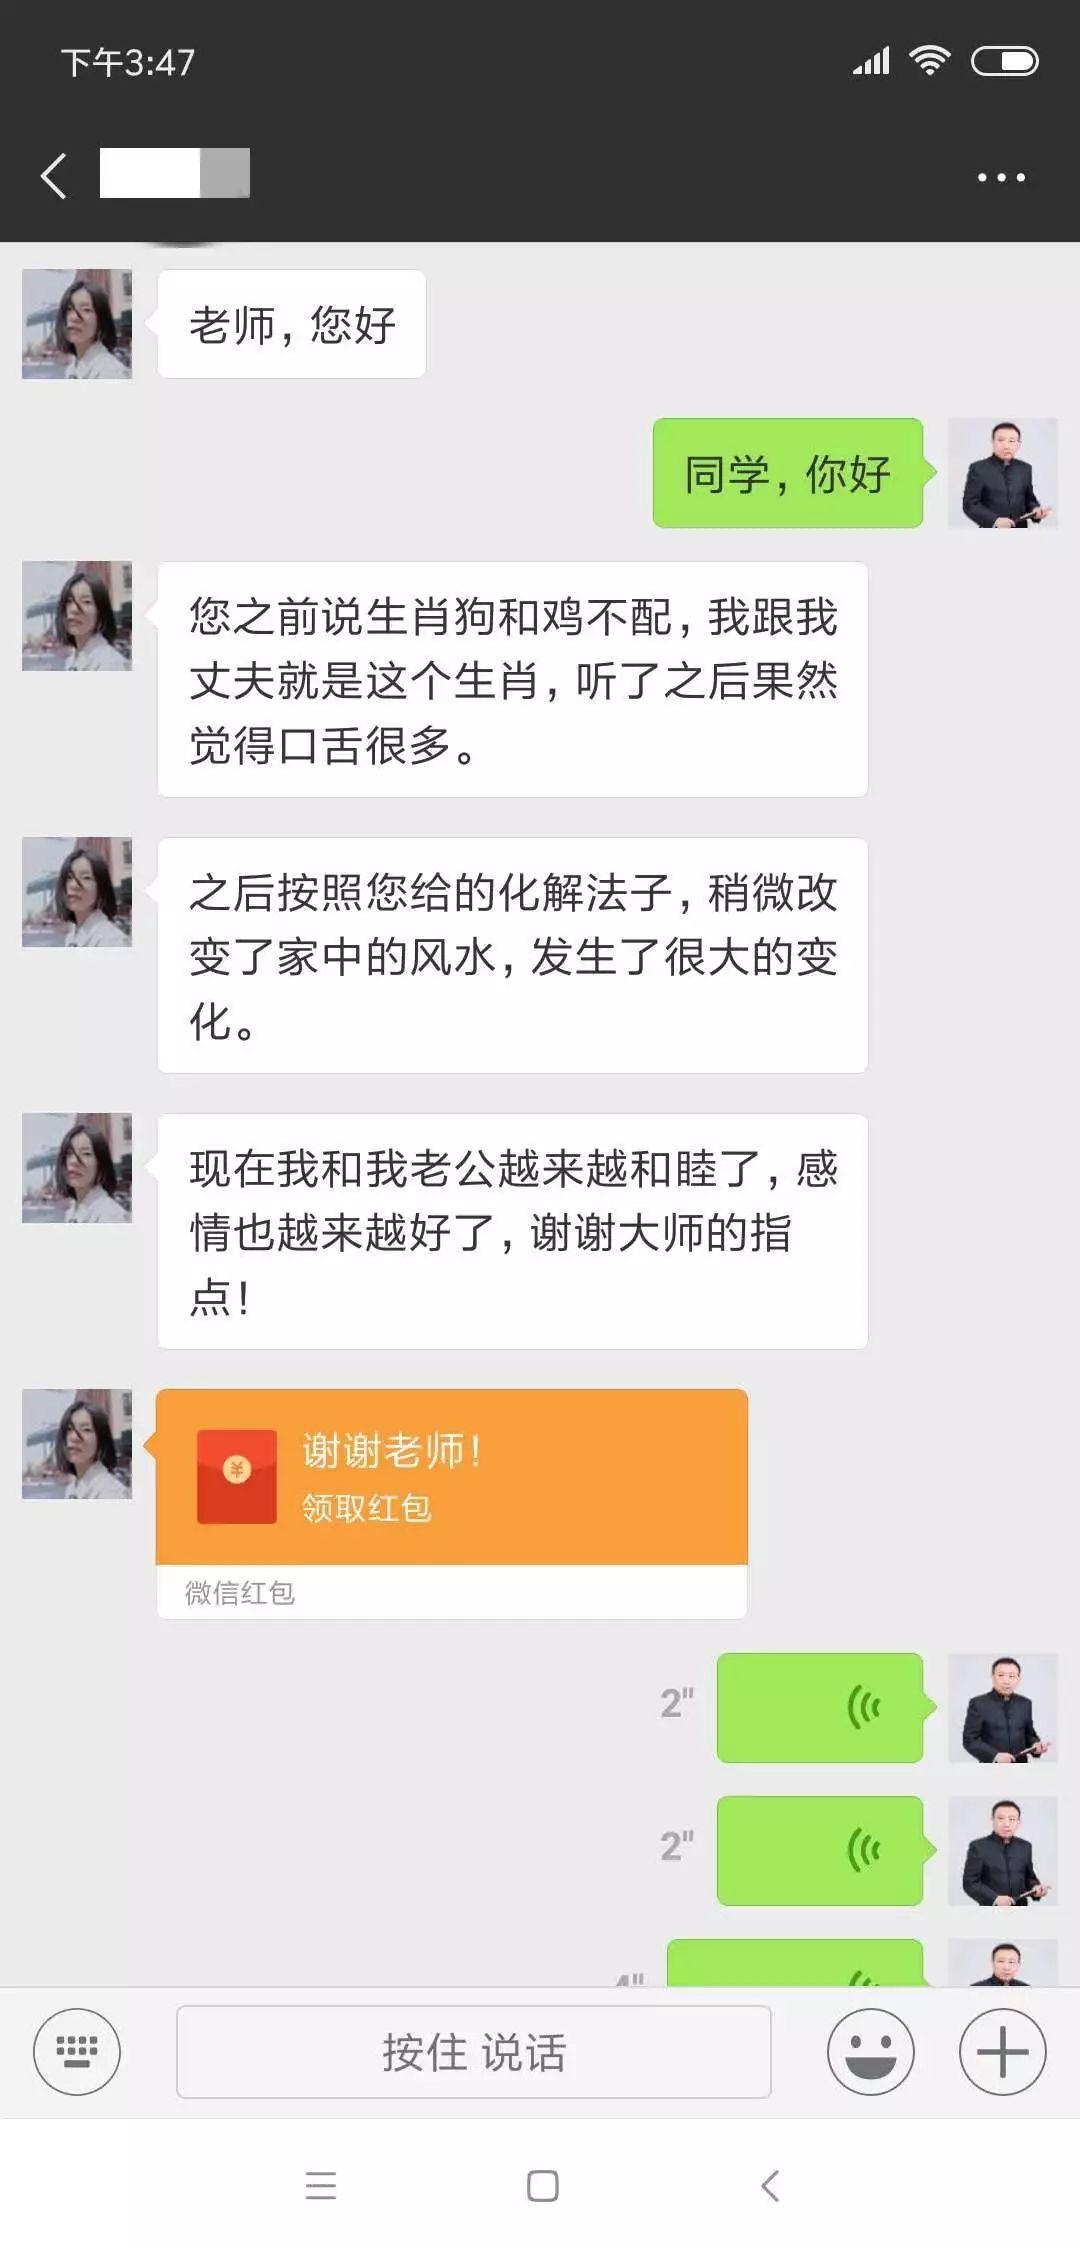 李嘉诚6亿聘请的香港富豪御用风水师解读面相_手机搜狐网